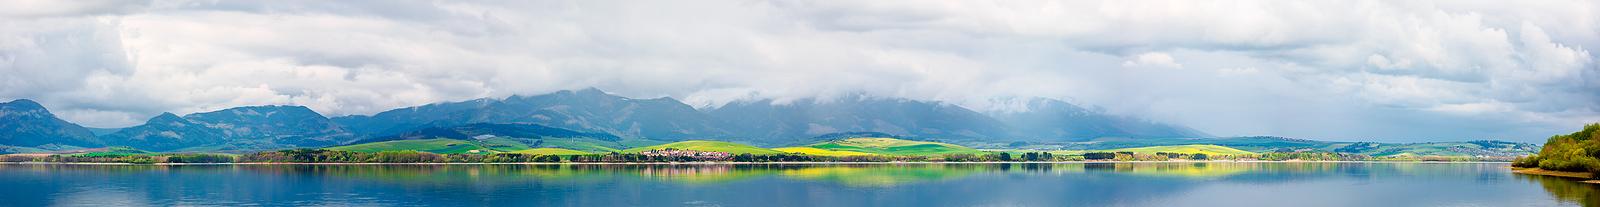 Lakes of Slovakia